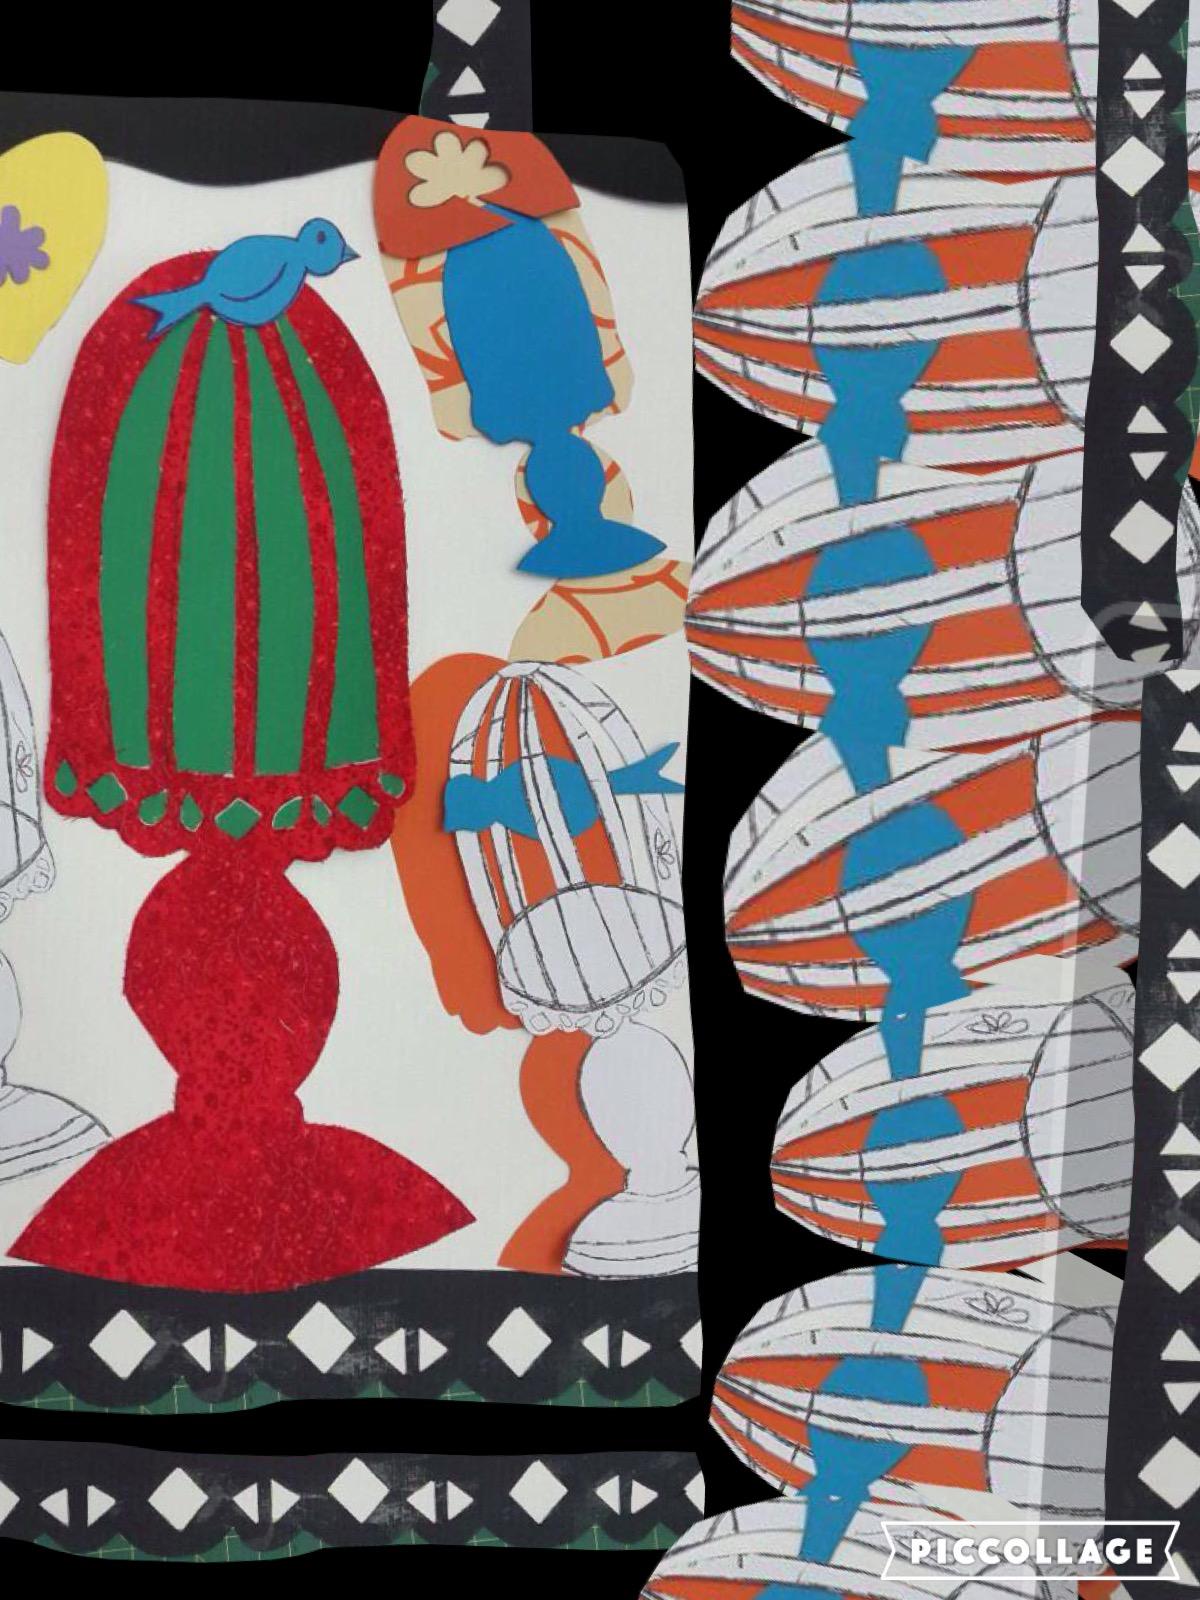 Manije Hesaraki - Collage